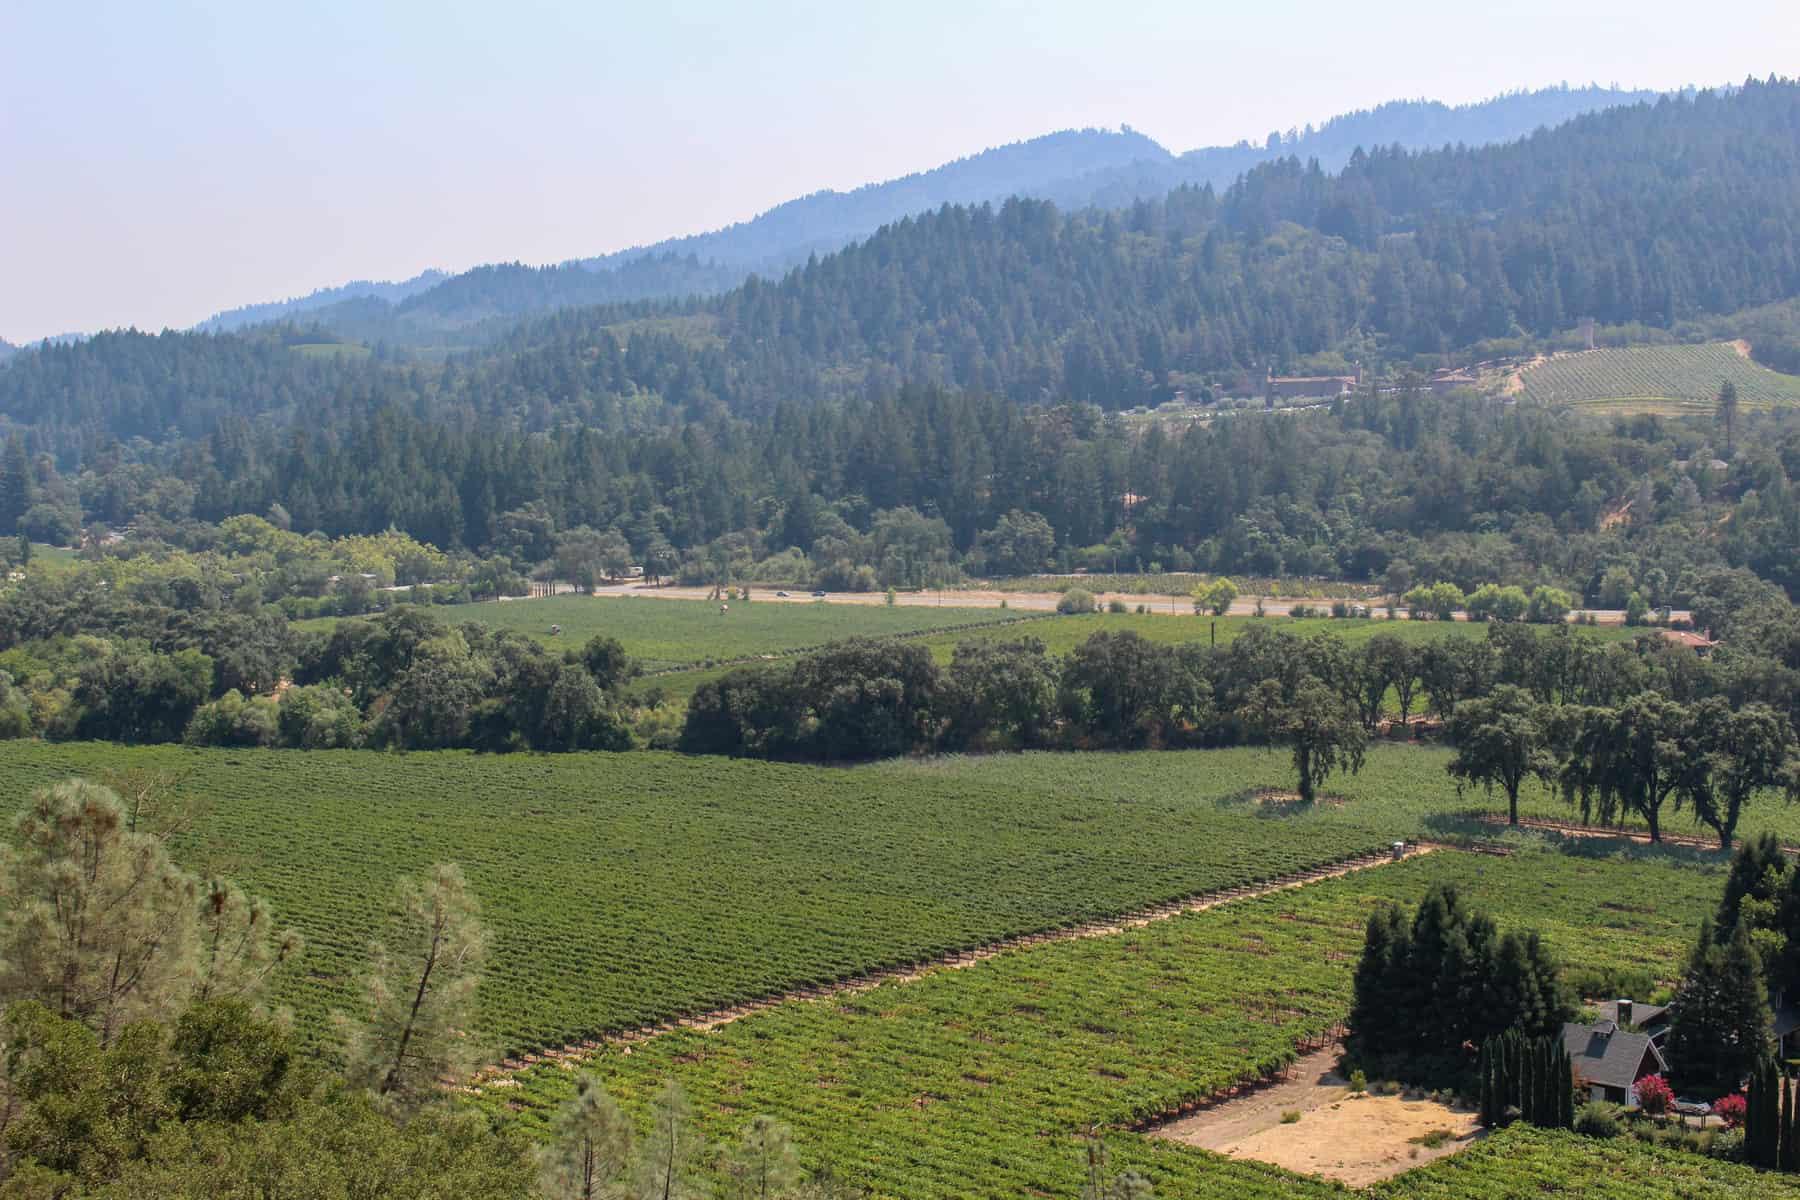 Napa Valley Weekend at Sterling Vineyards